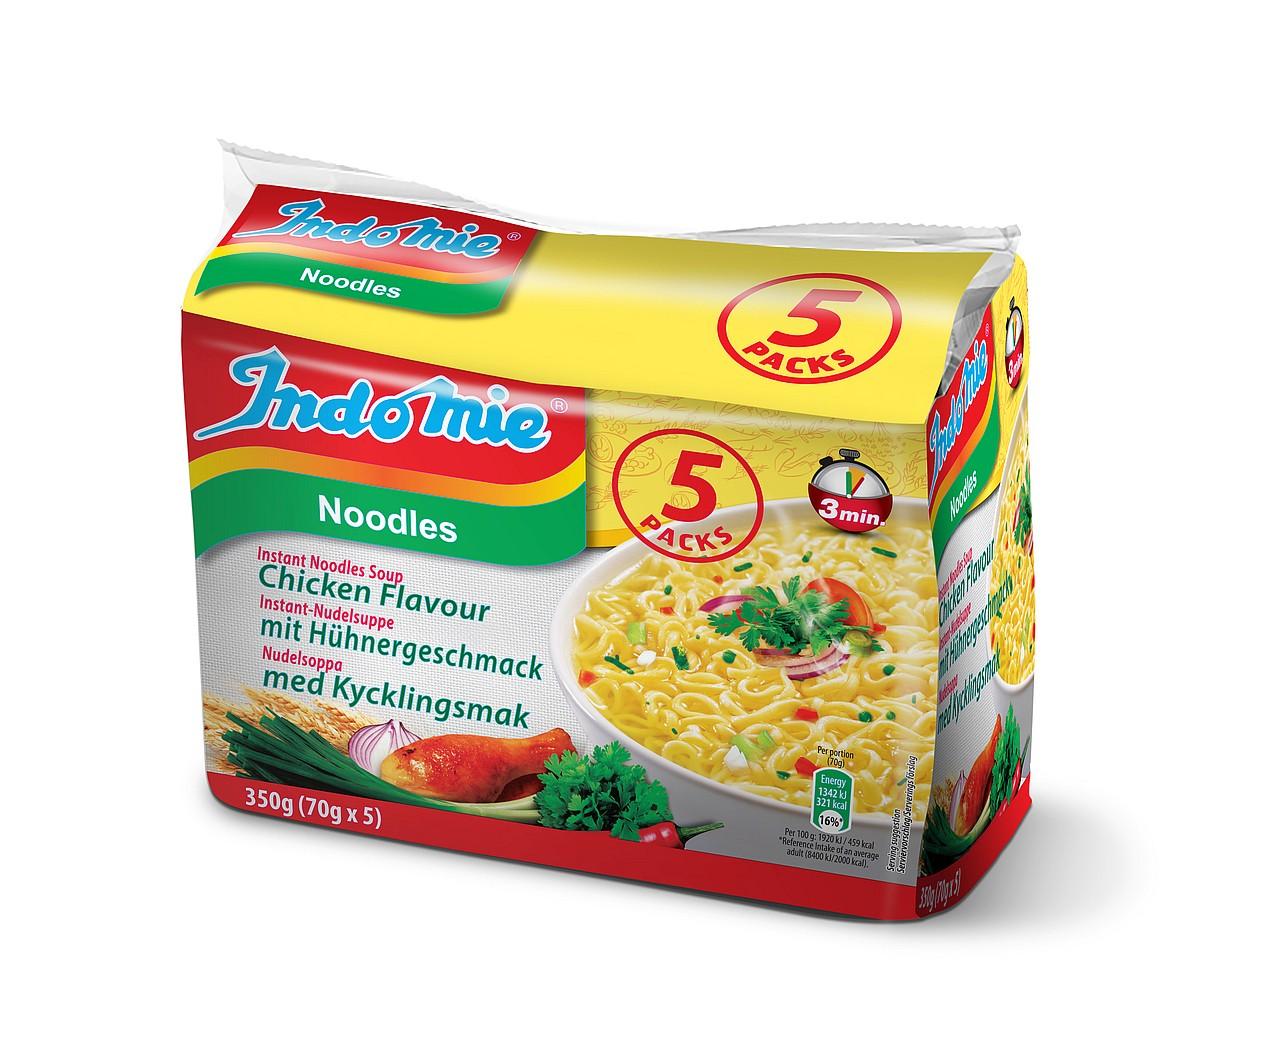 Indomie instant noodles soup Chicken flavour